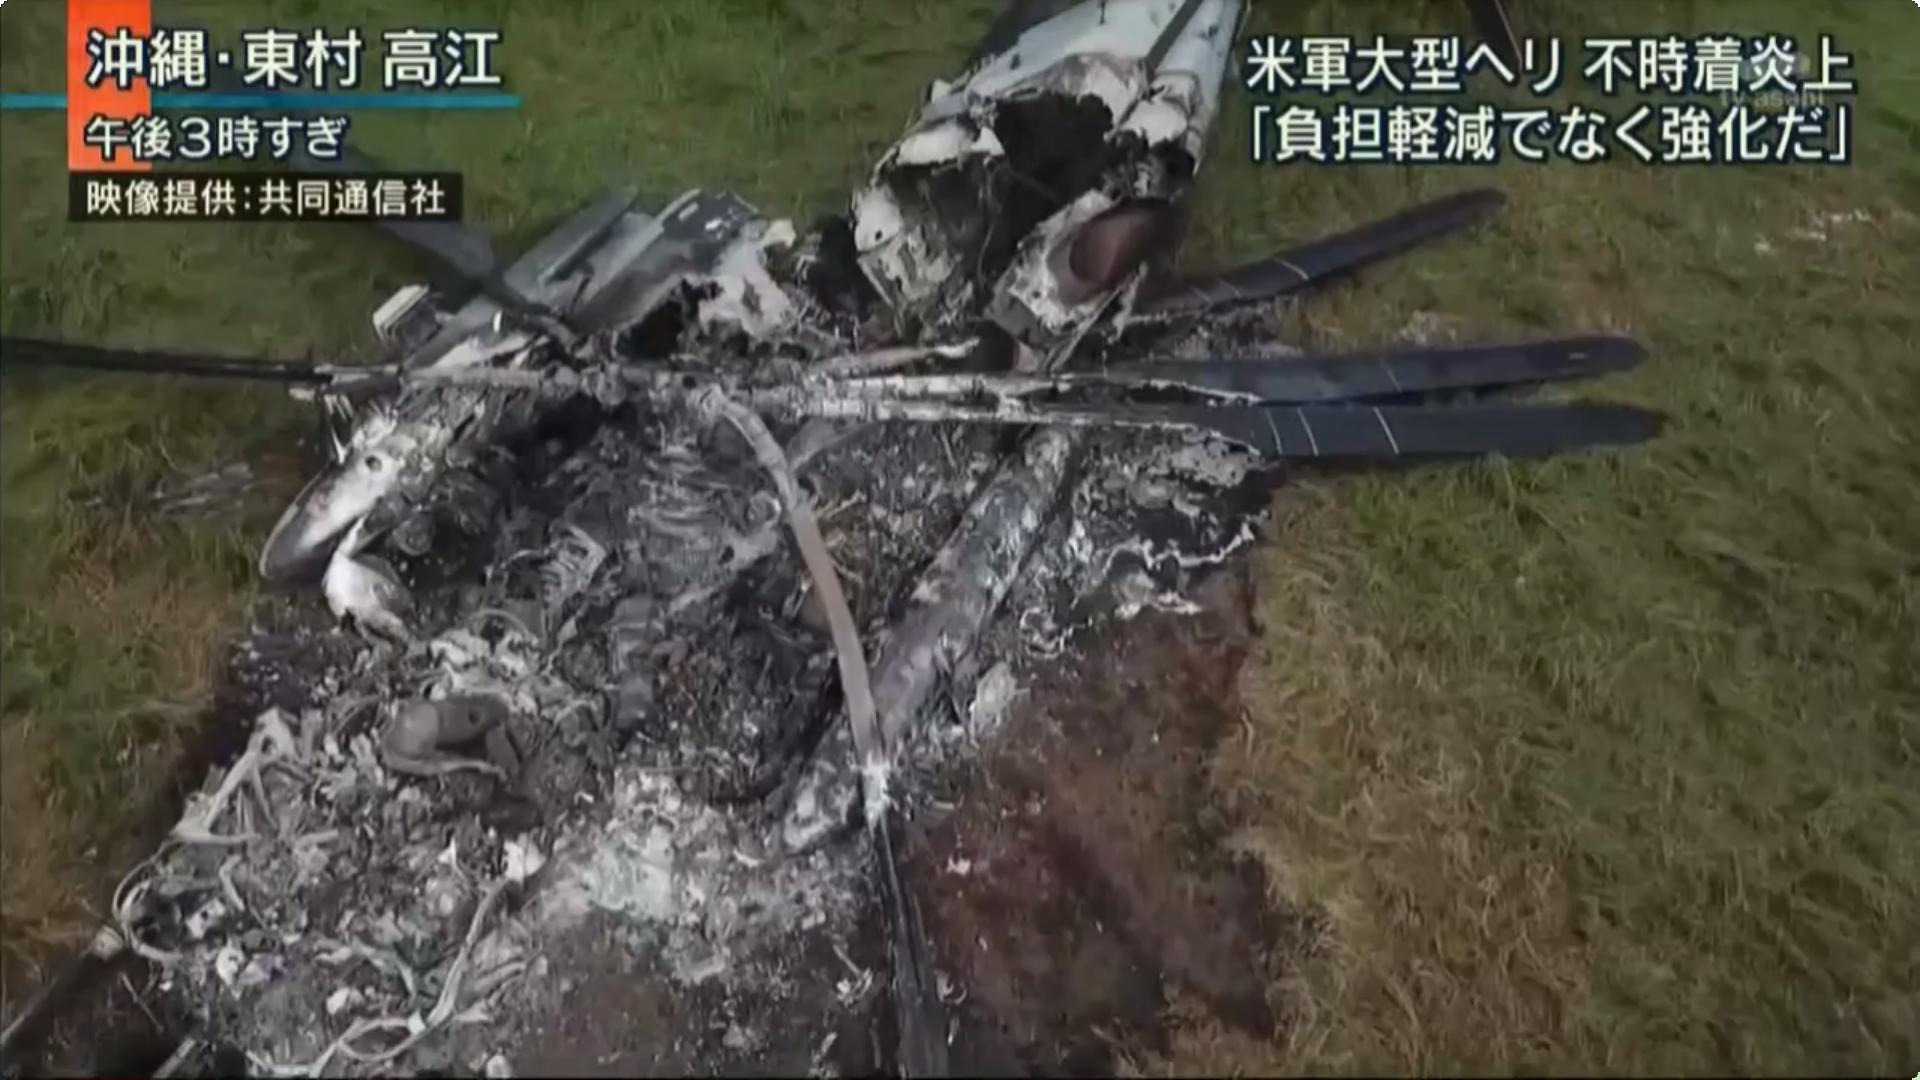 大型輸送ヘリコプター「CH53」の炎上事故の画像